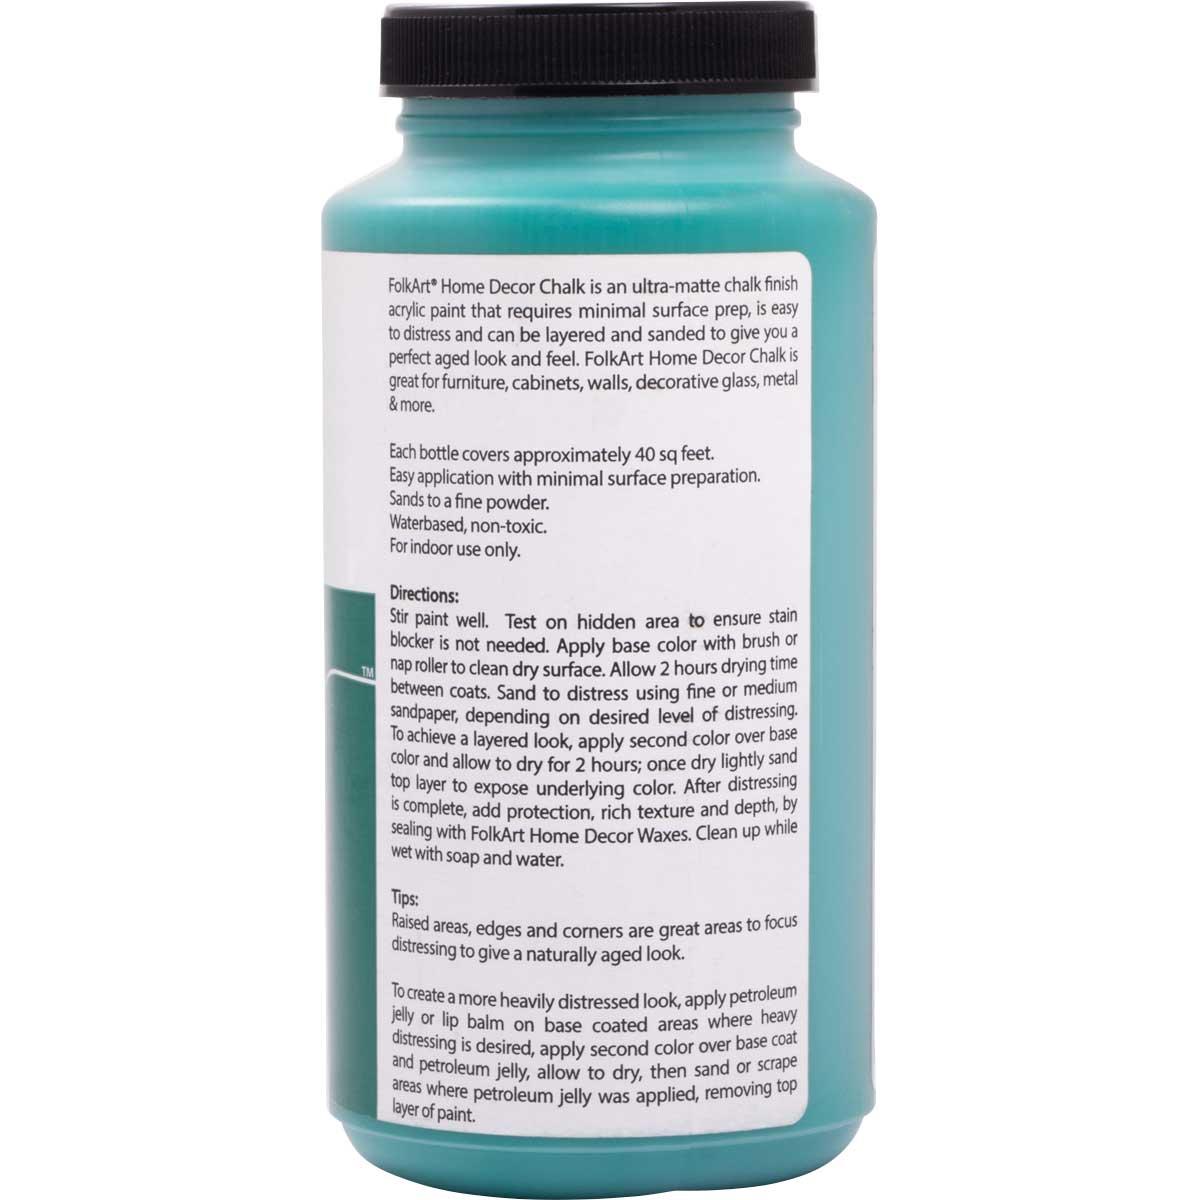 FolkArt ® Home Decor™ Chalk - Grotto, 16 oz.